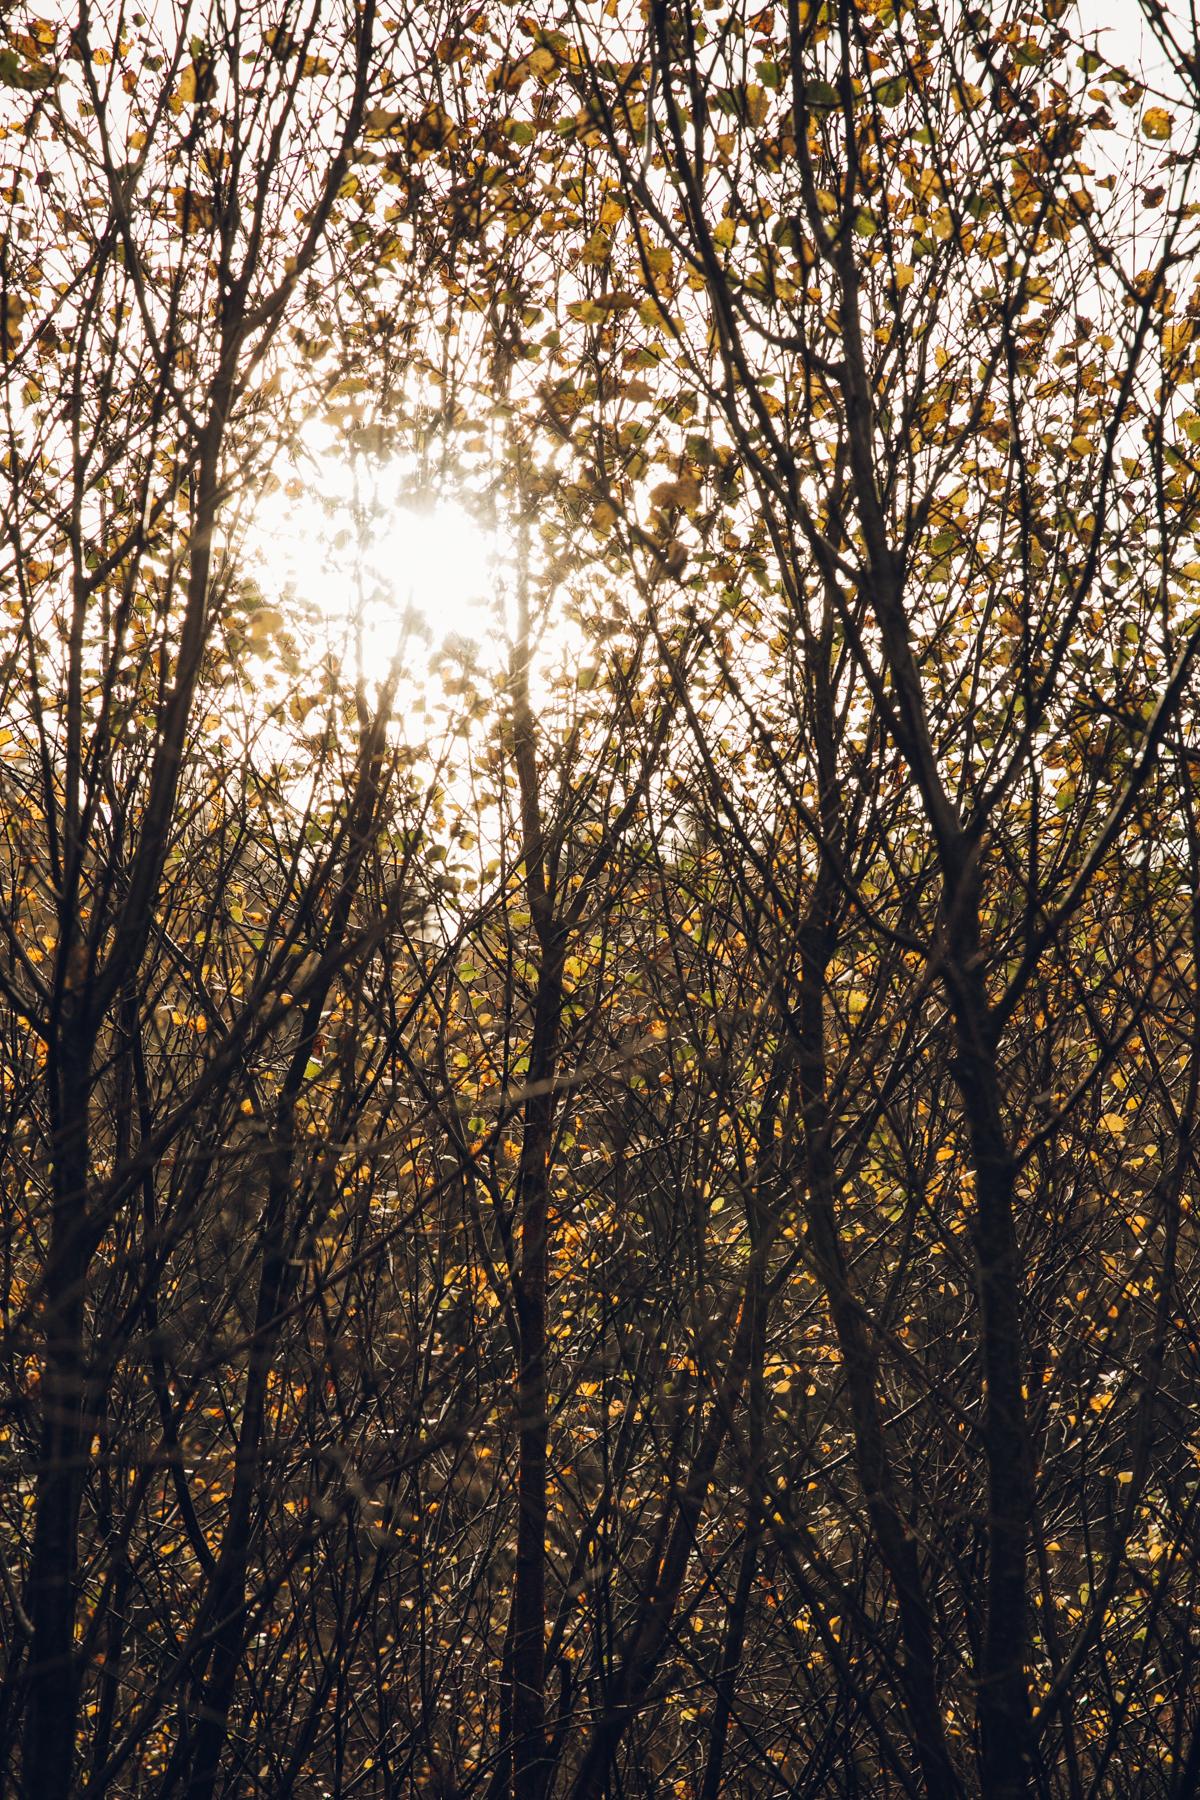 Autumn sunlight through the trees.